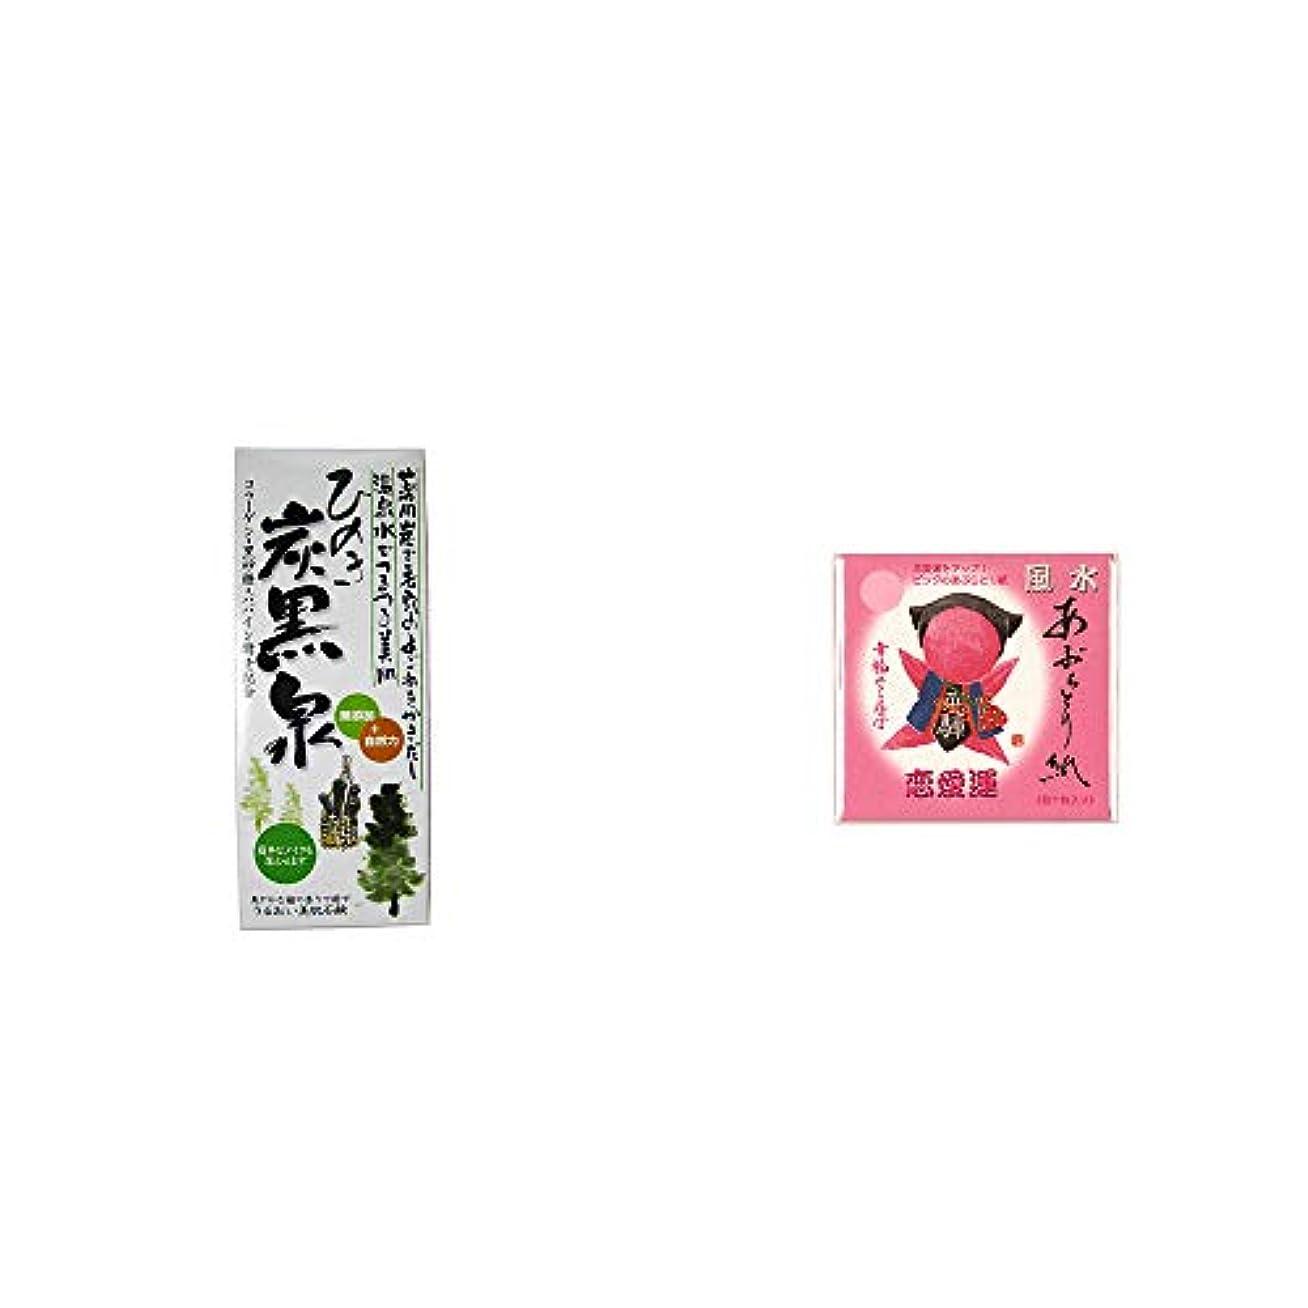 導体苦味コンデンサー[2点セット] ひのき炭黒泉 箱入り(75g×3)?さるぼぼ 風水あぶらとり紙【ピンク】